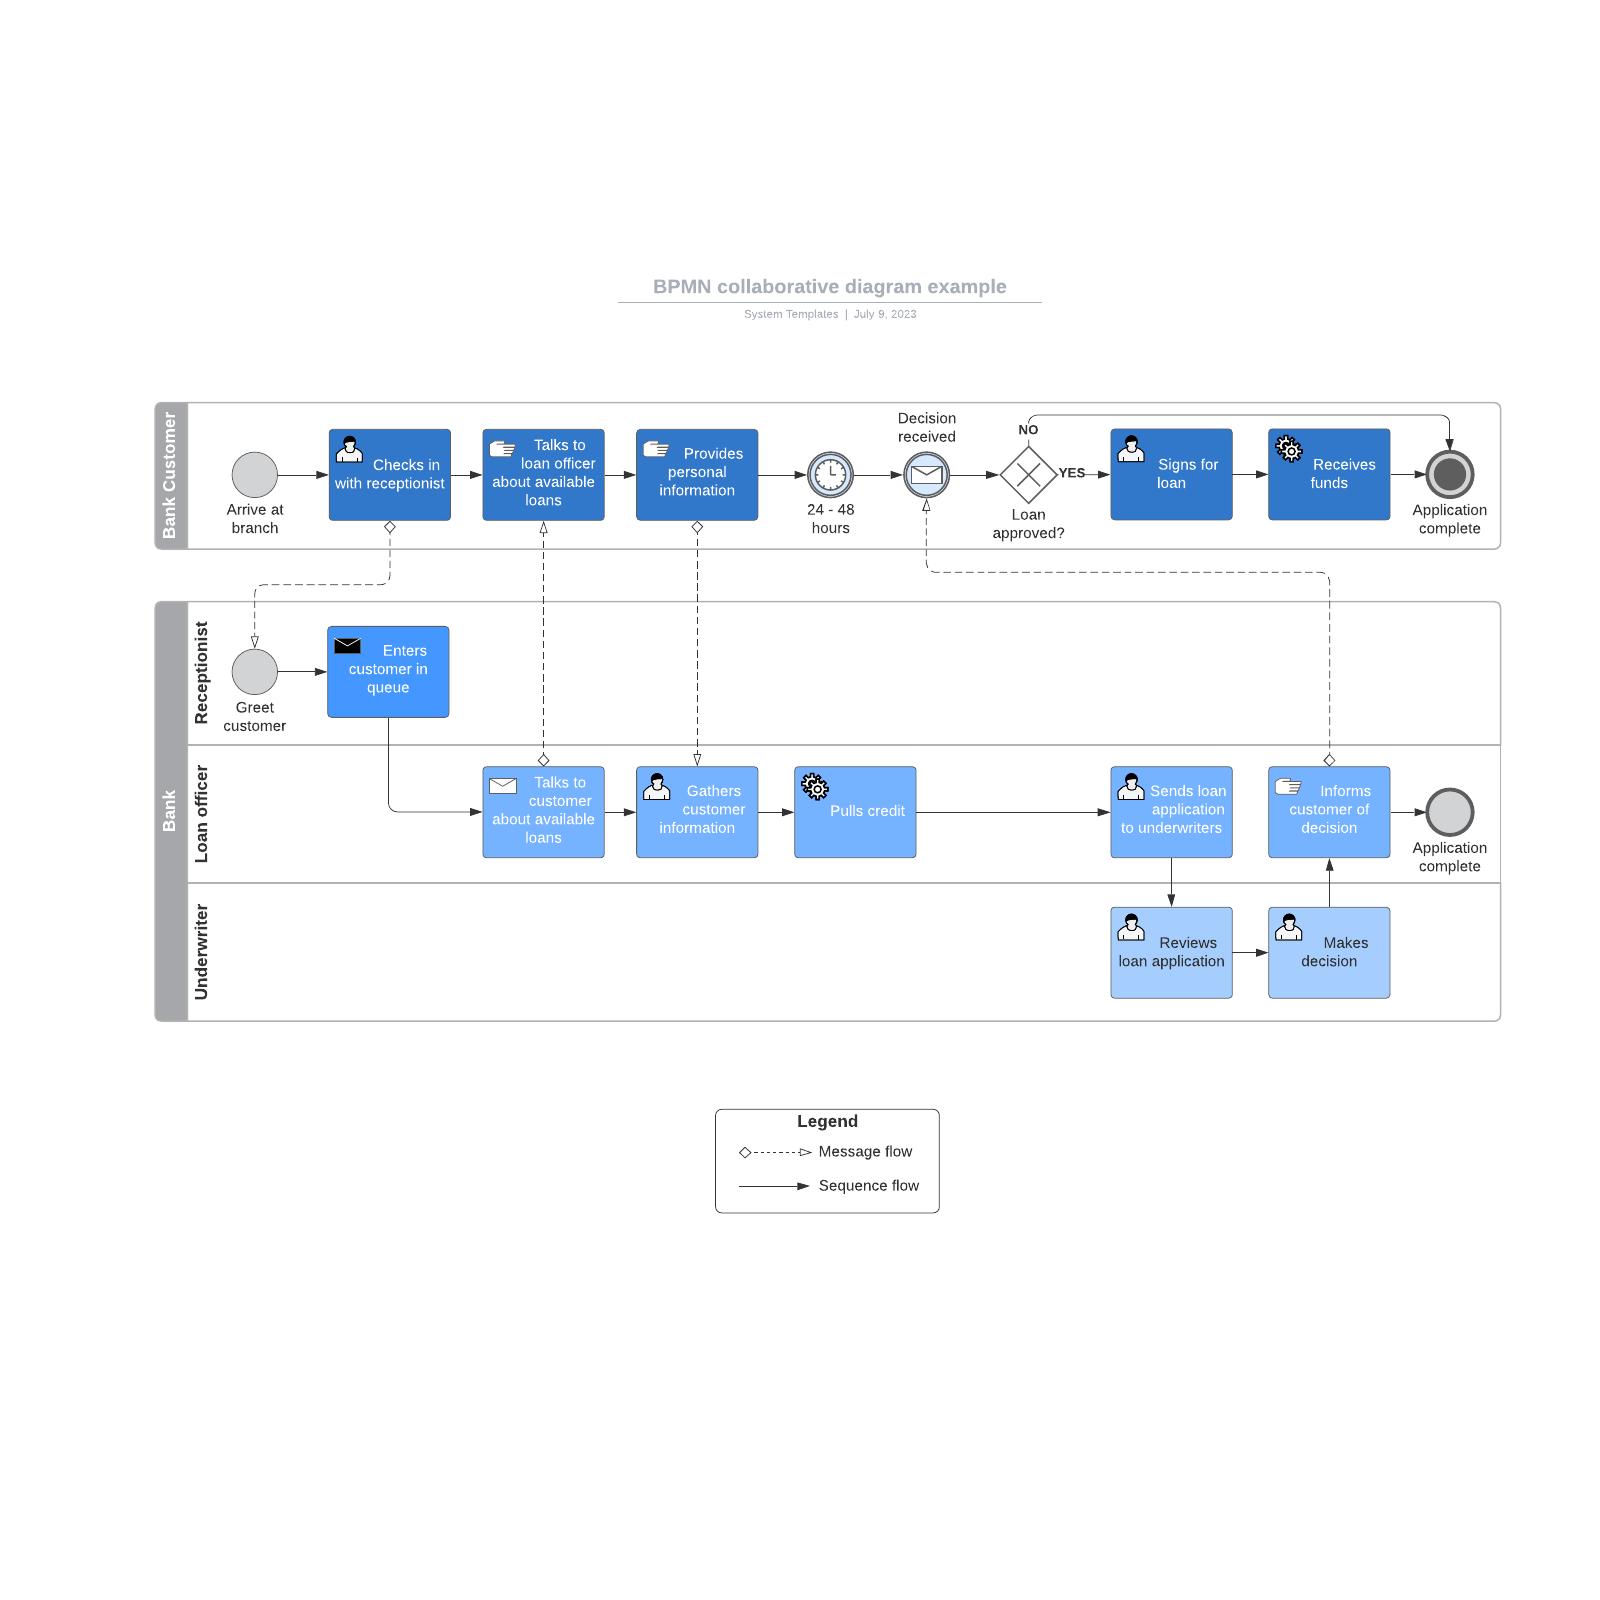 BPMN collaborative diagram example